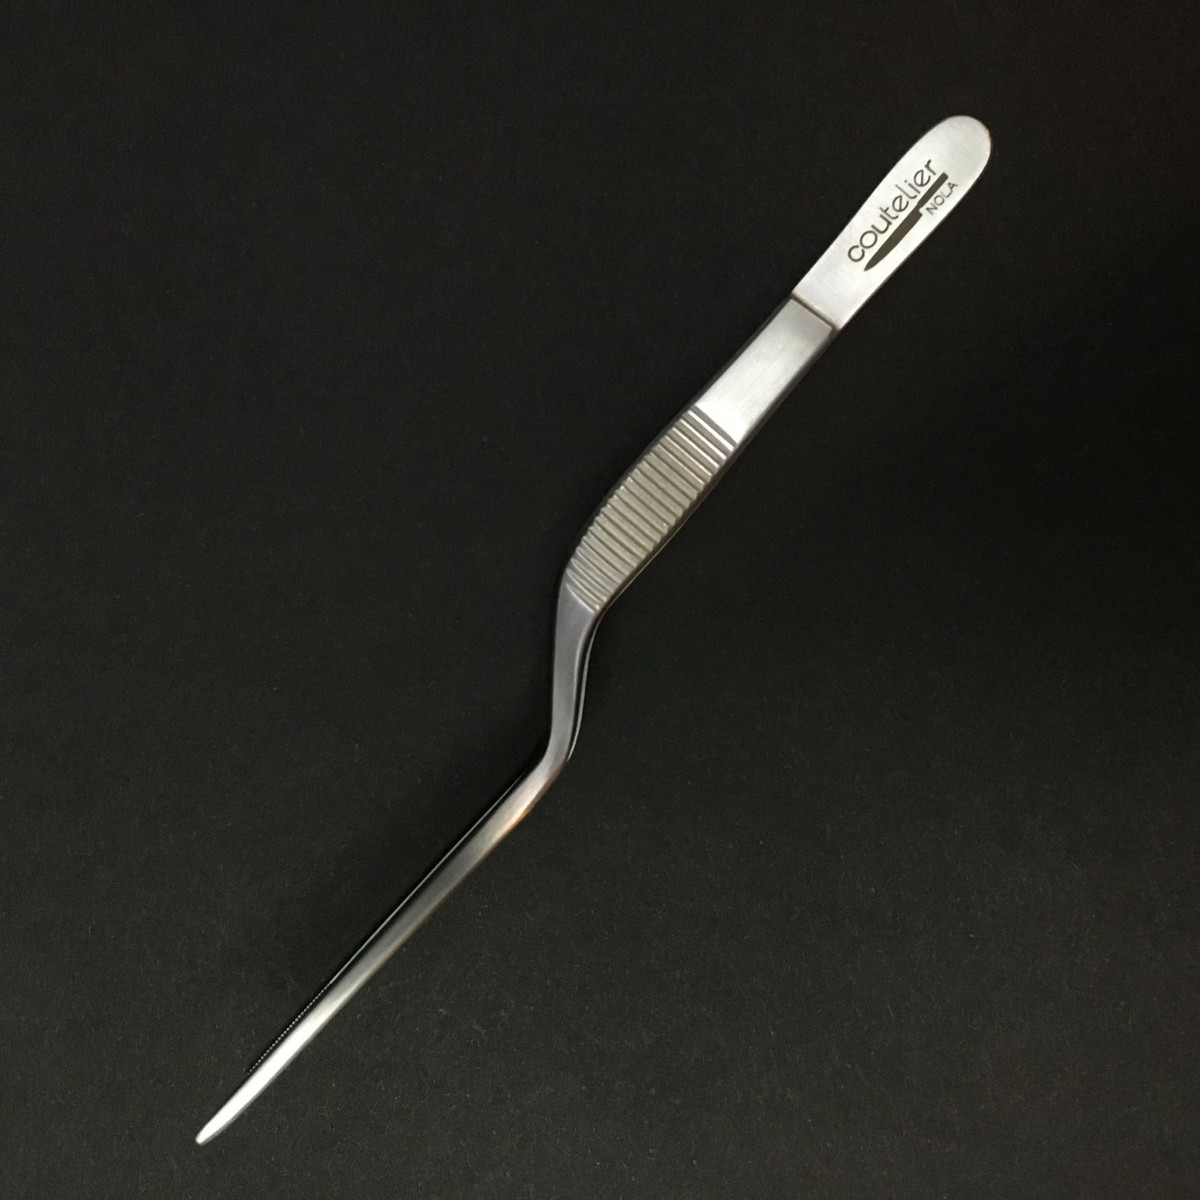 Tweezer - Offset - 14cm - Silver